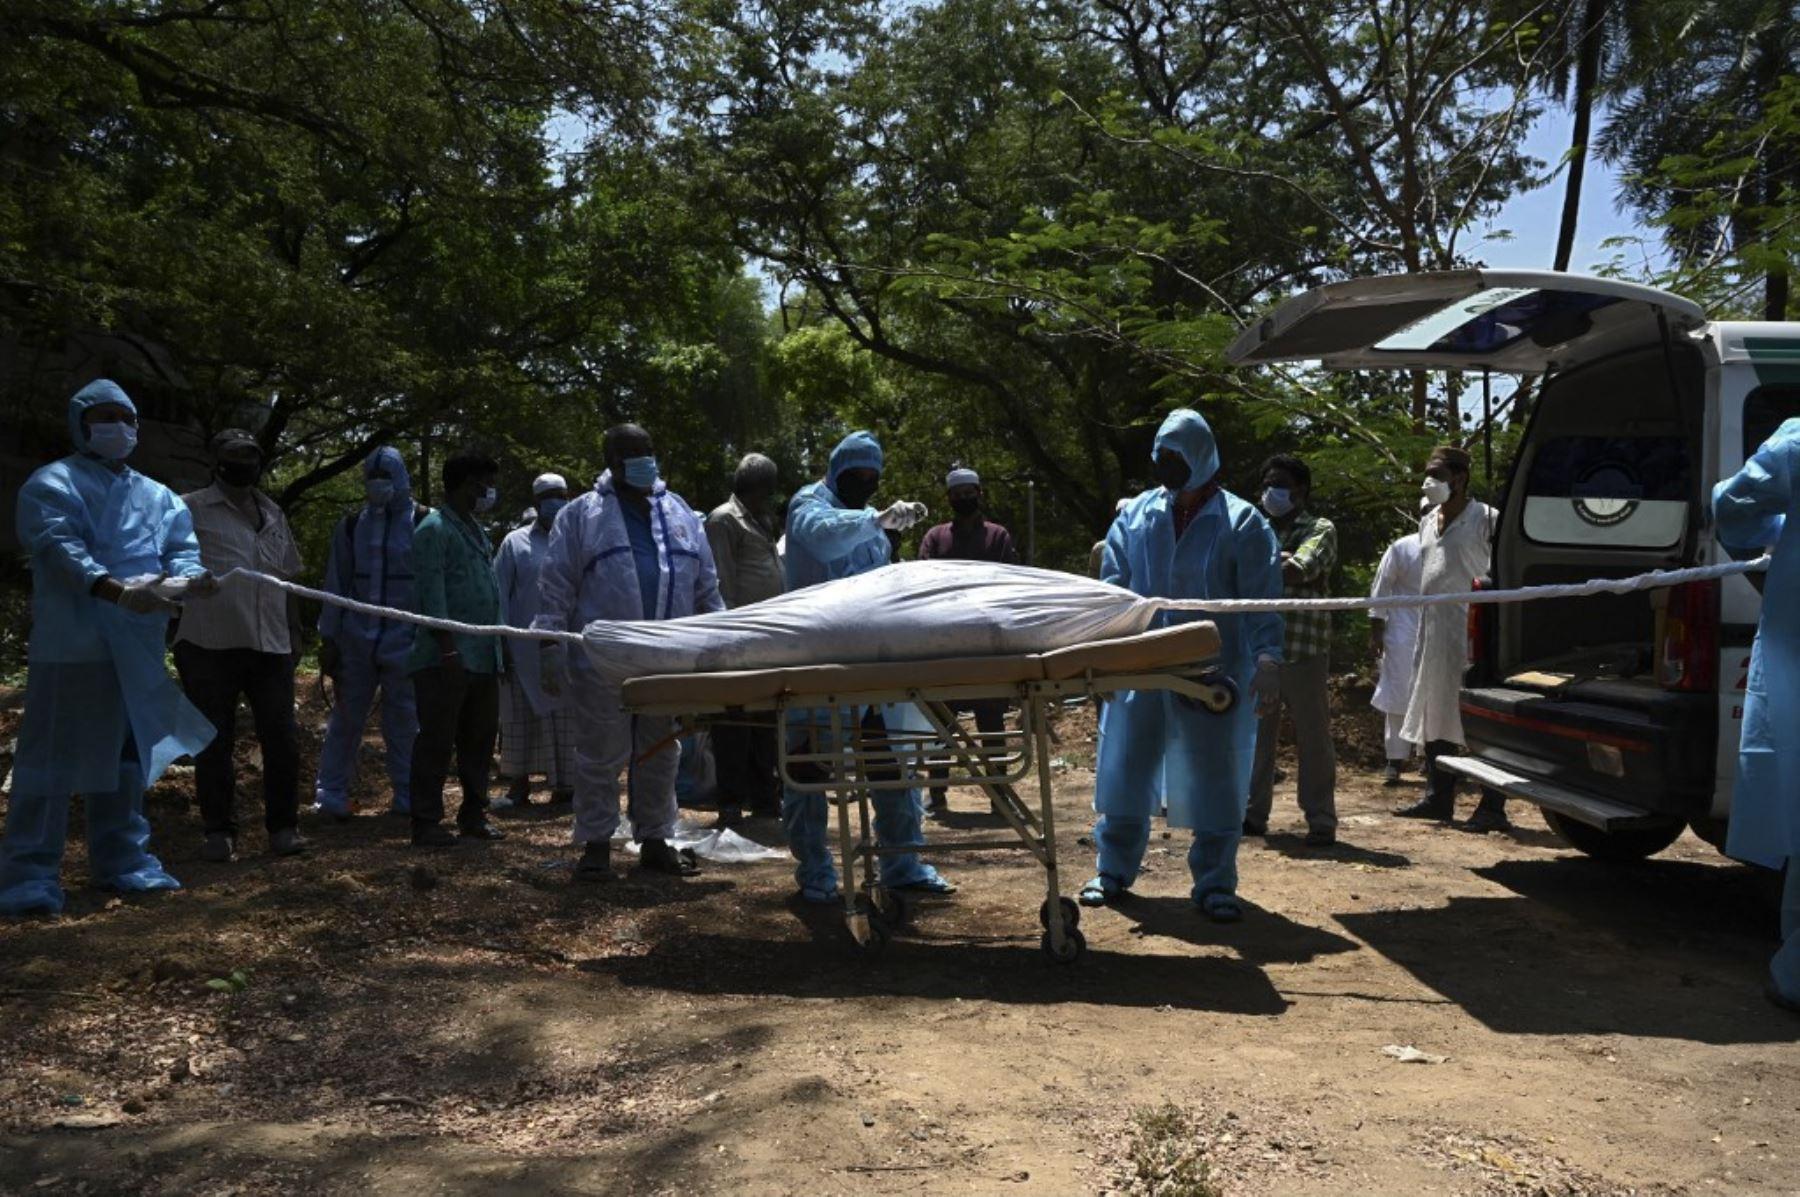 Voluntarios con equipo de protección se preparan para enterrar el cuerpo de una víctima del coronavirus Covid-19 en un cementerio en Chennai. Foto: AFP